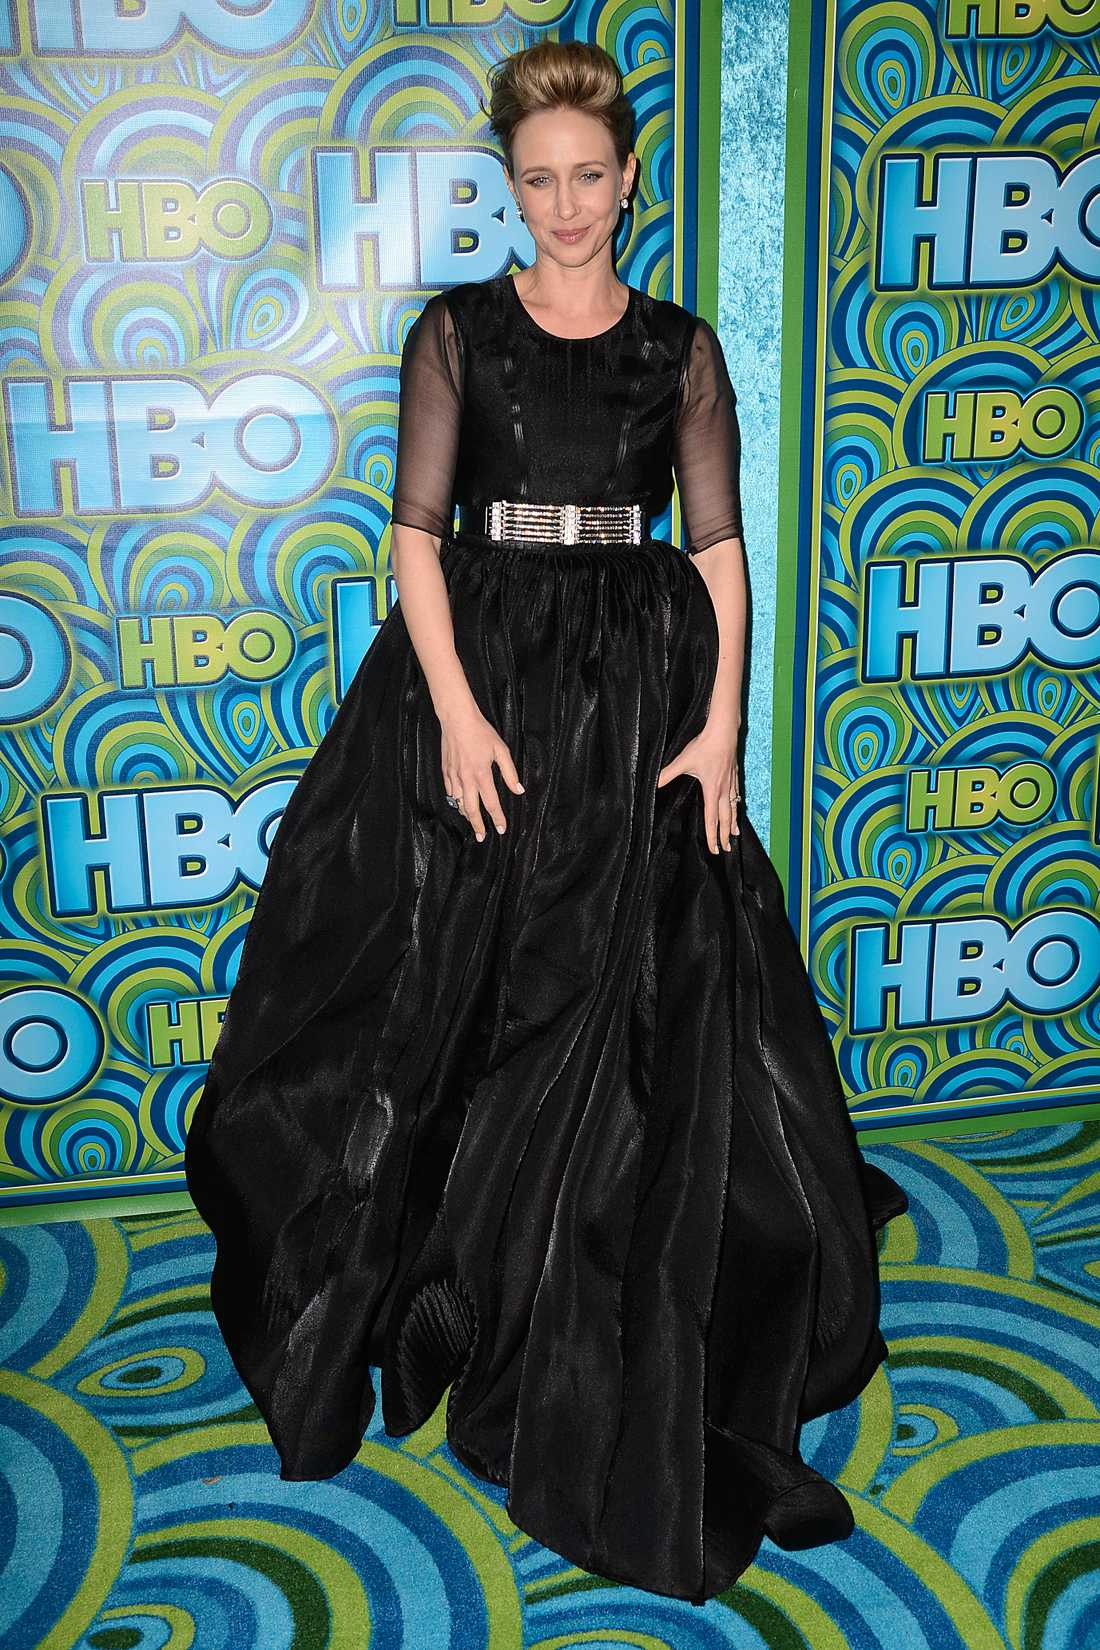 Vera Farmiga Årets Emmys bjöd på en uppsjö svarta galaklänningar, här Theyskens' theory på Vera Farmiga.